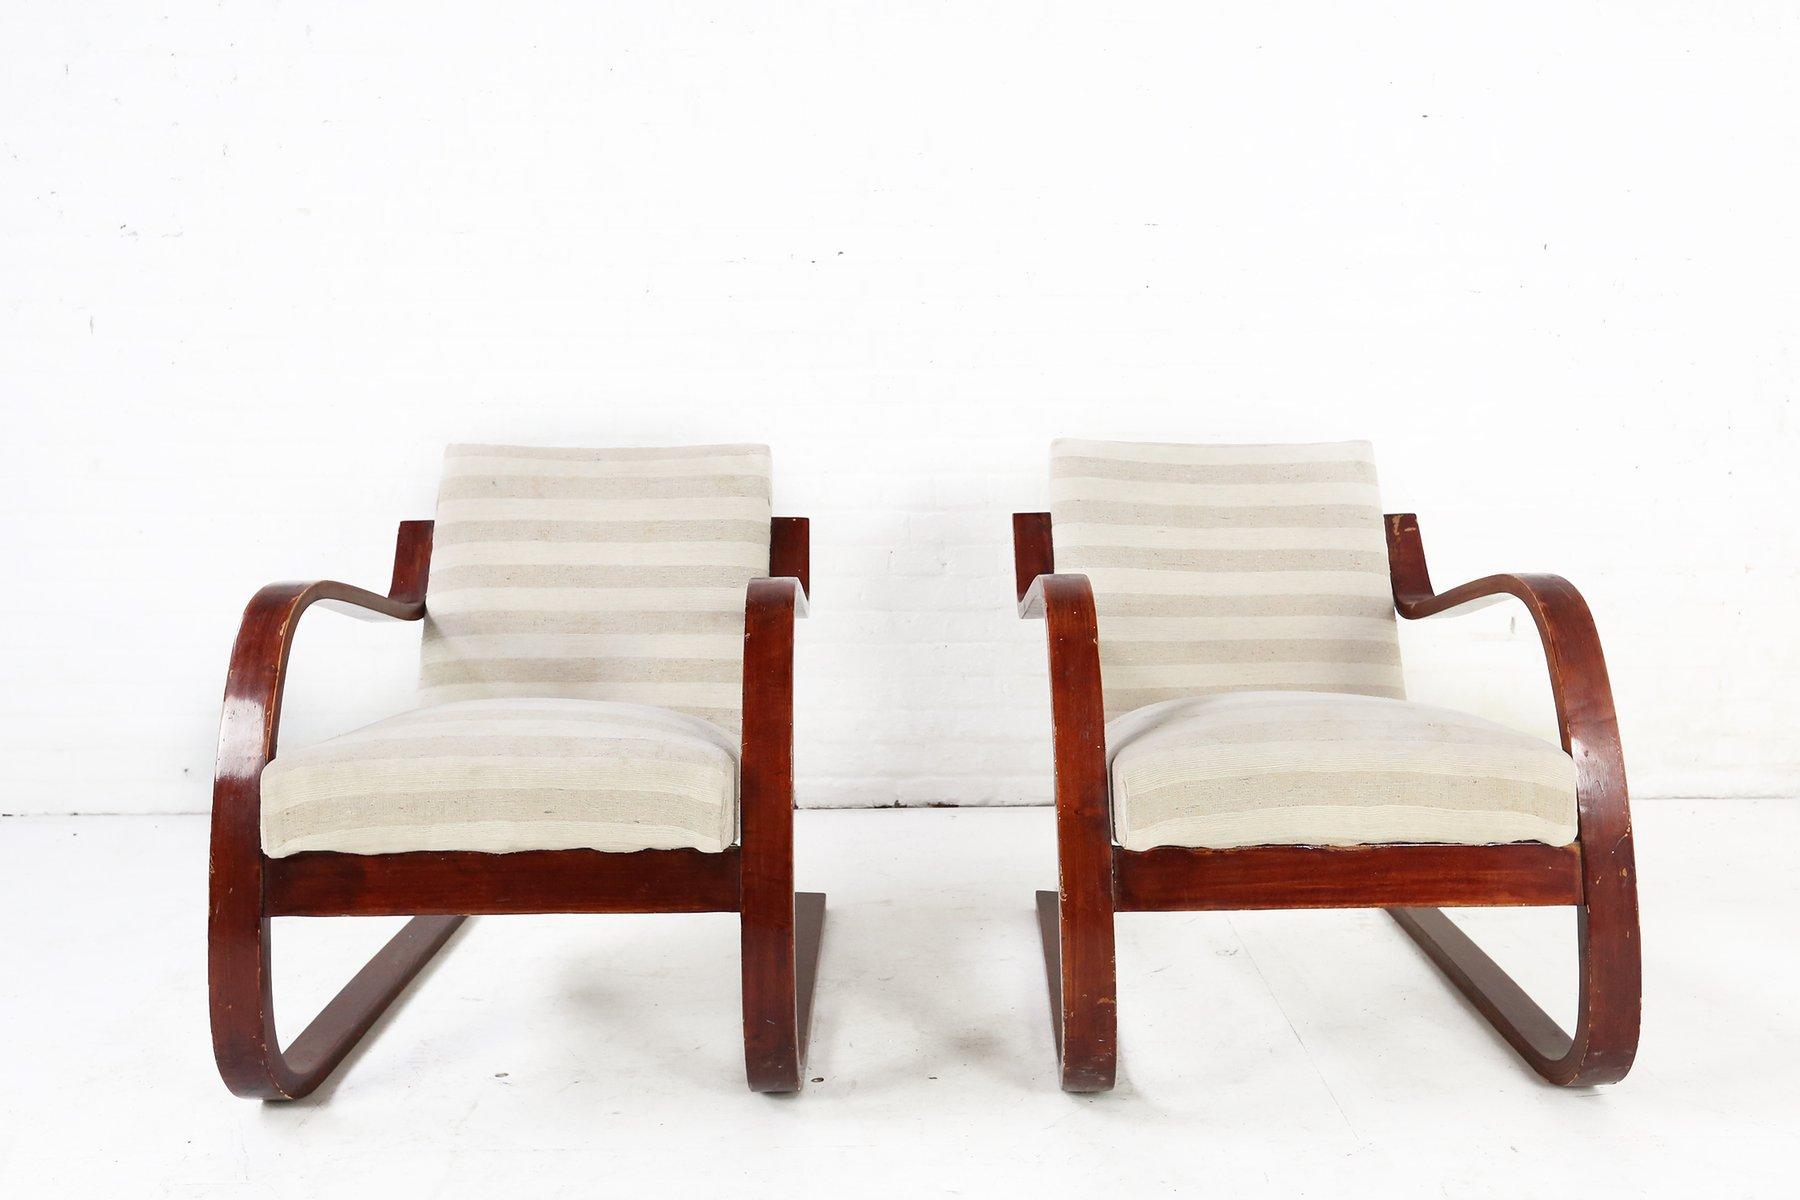 Sedie modello 402 di alvar aalto per finmar anni 39 30 set for Sedie design anni 20